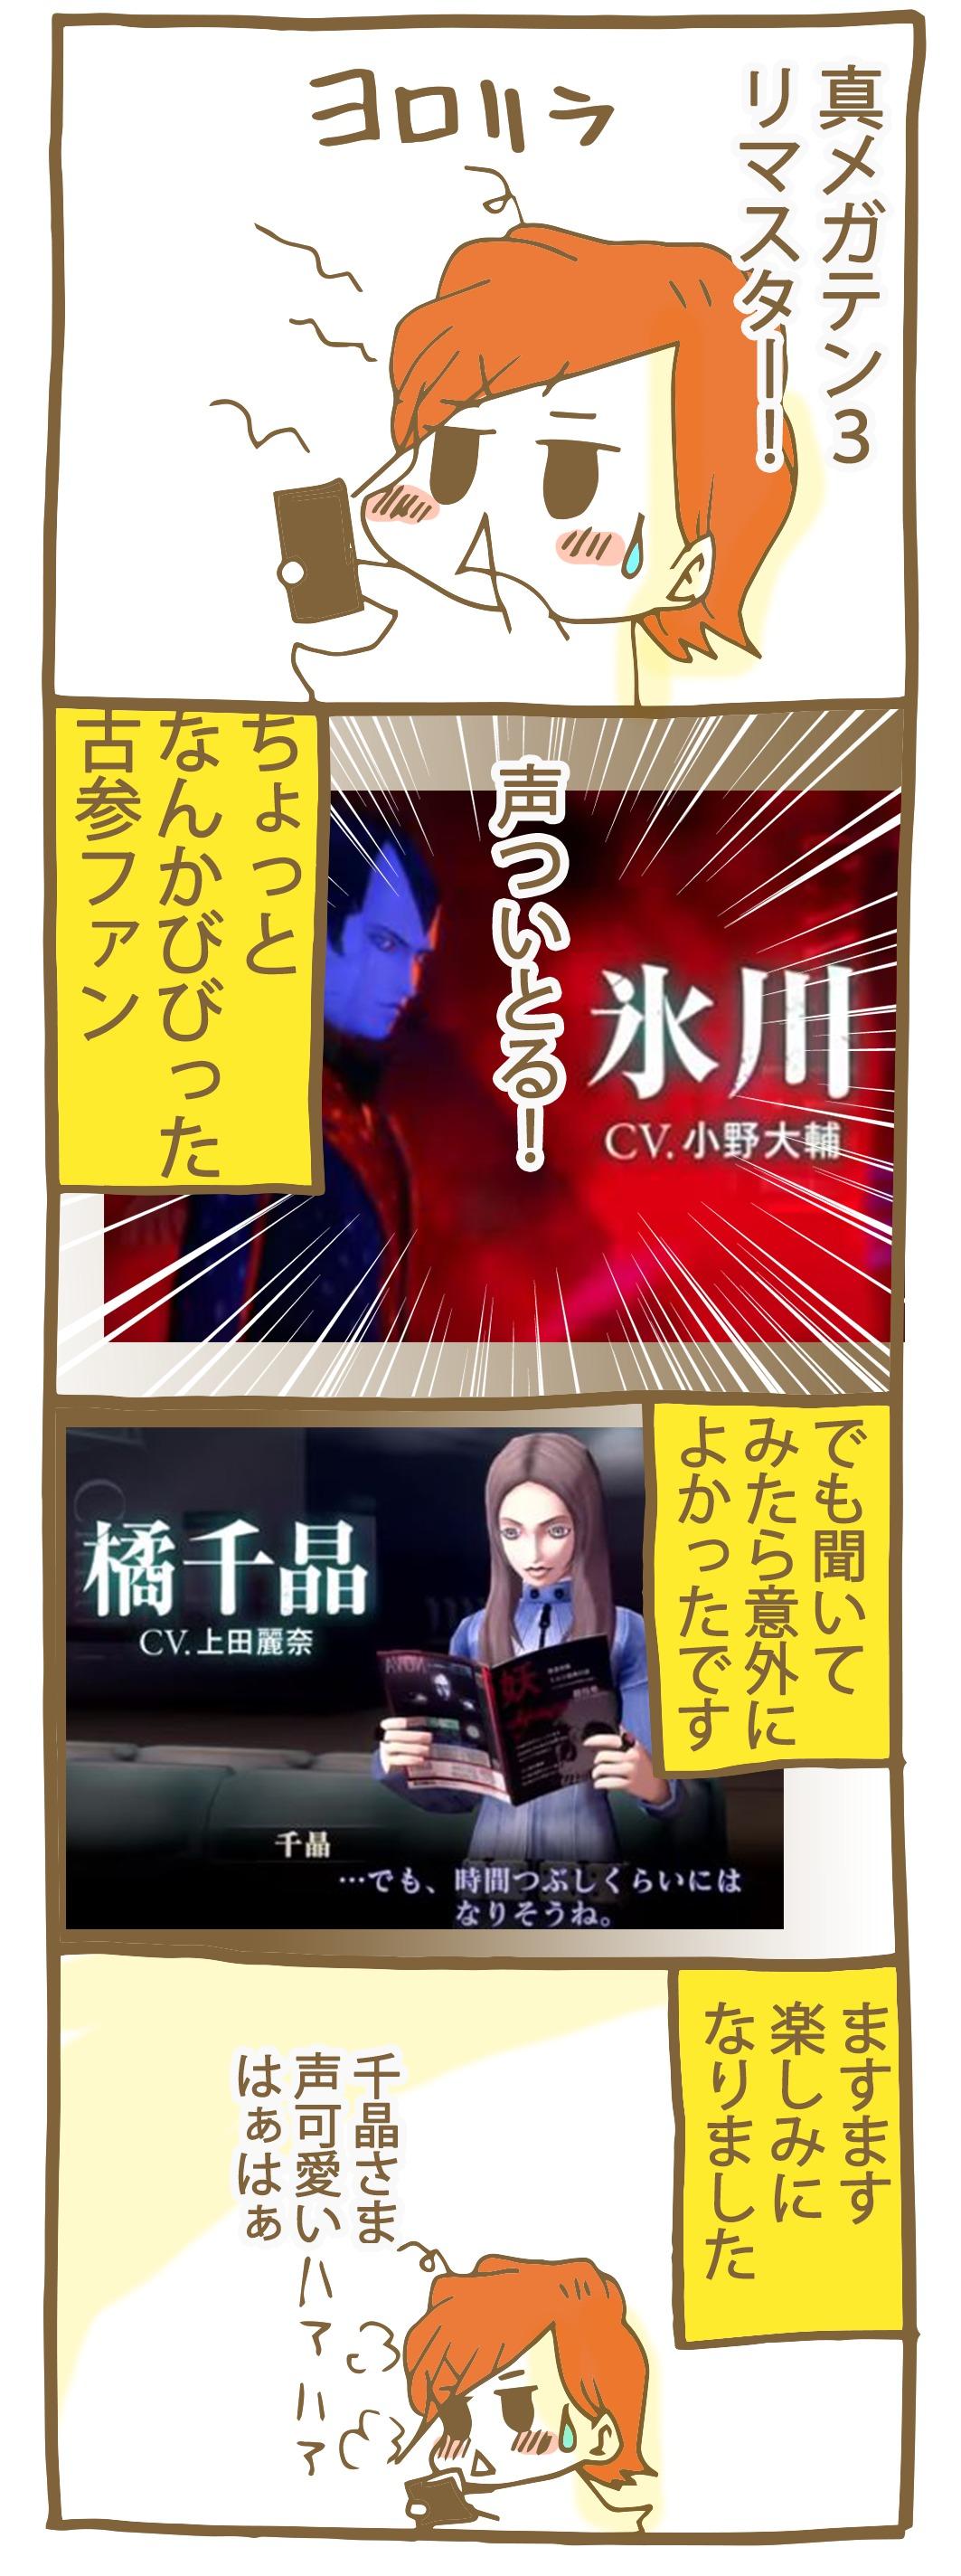 真メガテン3リマスターだと声優さんがついとった.千晶さまは上田麗奈さんで氷川さん小野大輔さんとか